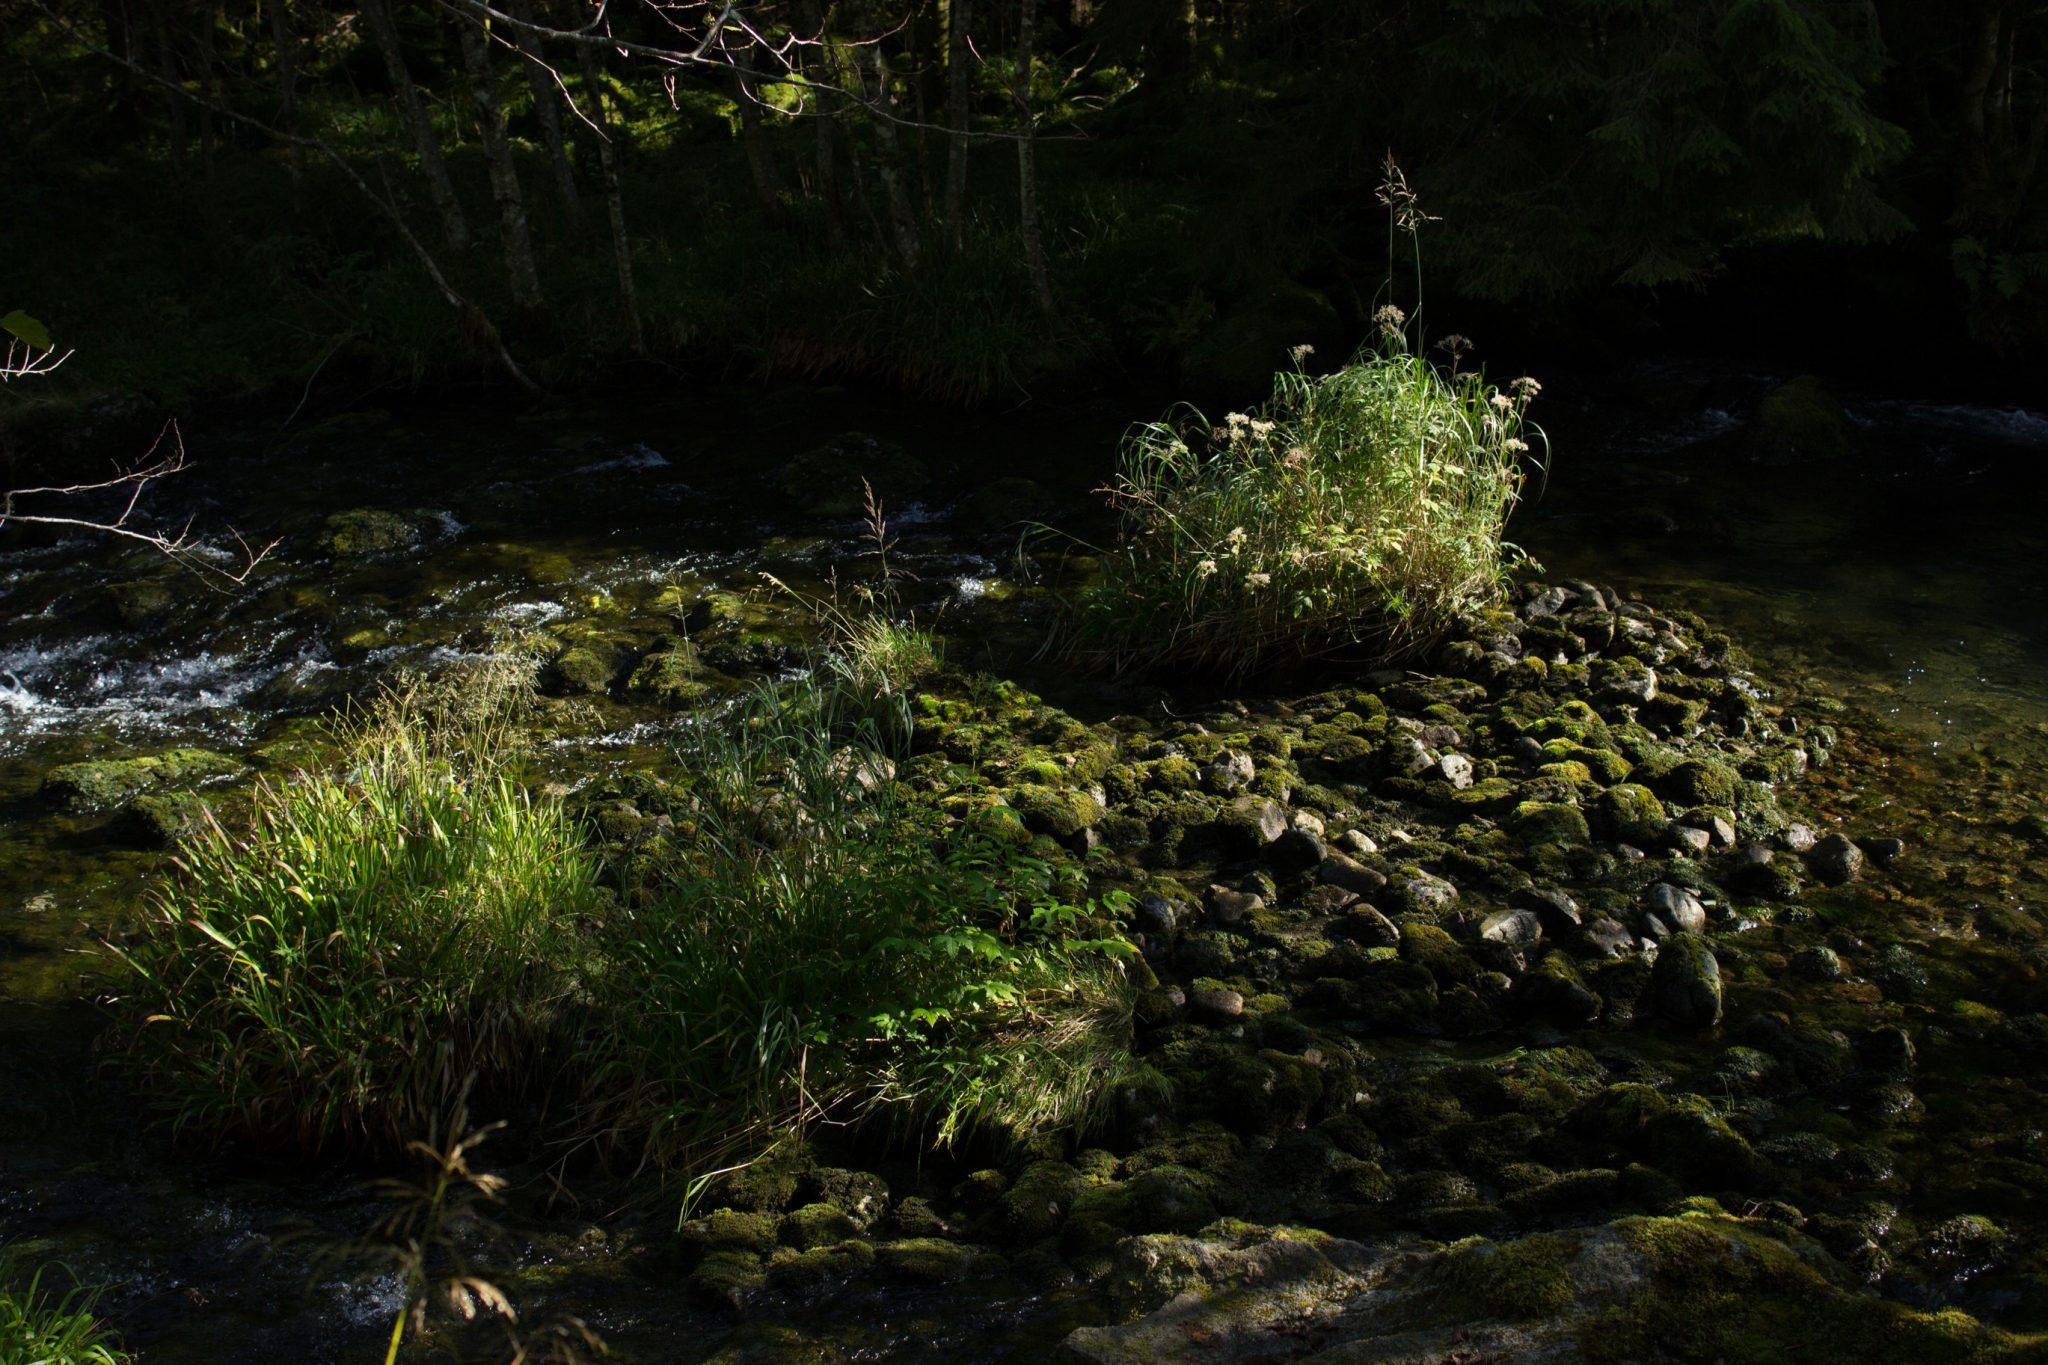 Wanderung vom Ort Sundal bis zum Gletscher Bondhusbreen im Folgefonna Nationalpark, kristallklares Wasser im Fluß, mit Moos bewachsene Steine, Farne, saftig grünes Gras